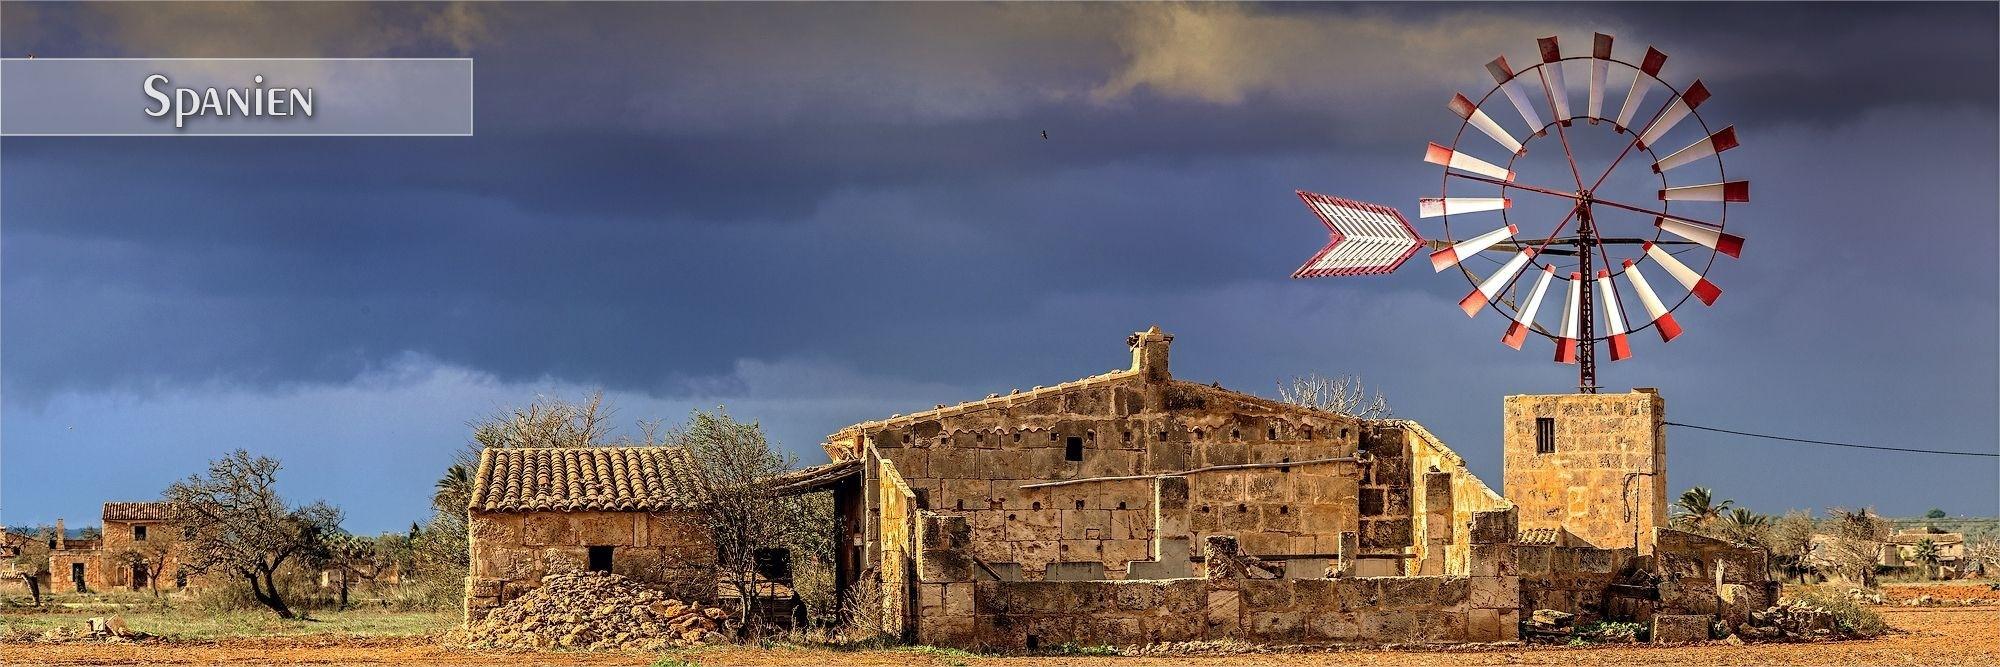 Bilder aus Spanien als Wandbild oder Küchenrückwand